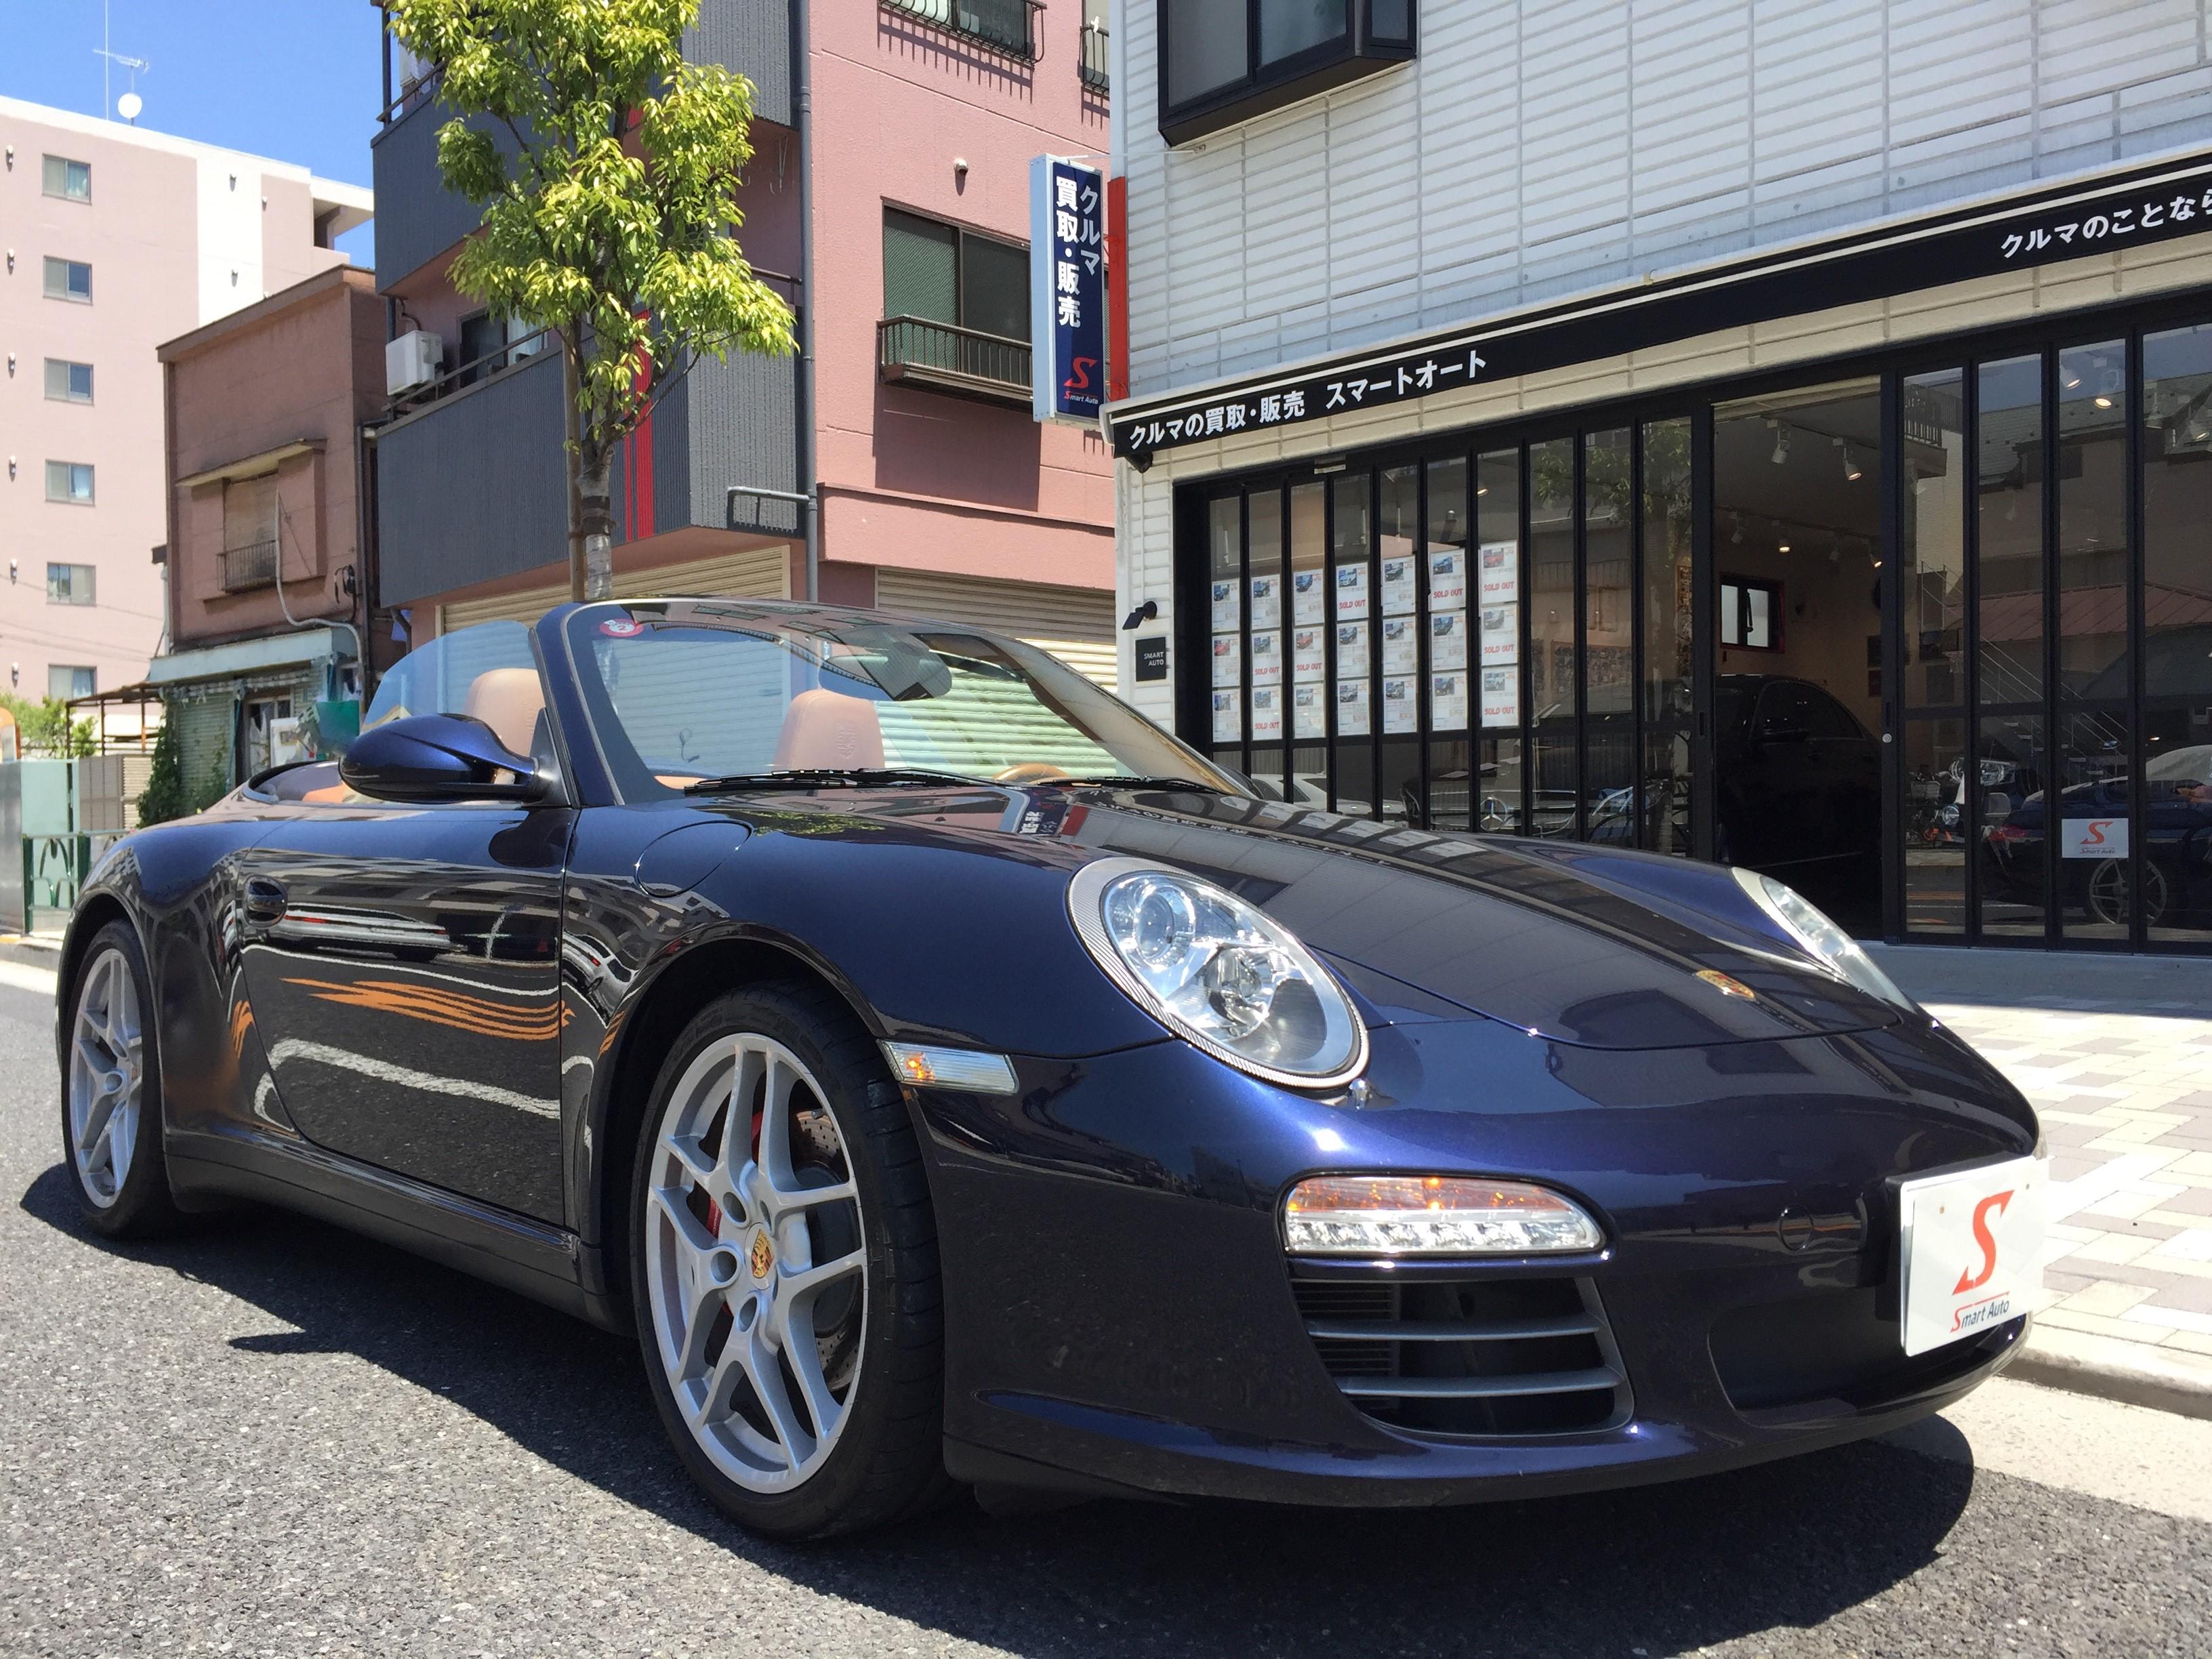 外車・輸入車のお買取ならスマートオートへ!在庫車に< ポルシェ 911 カレラ4S カブリオレ >が、追加になりました。